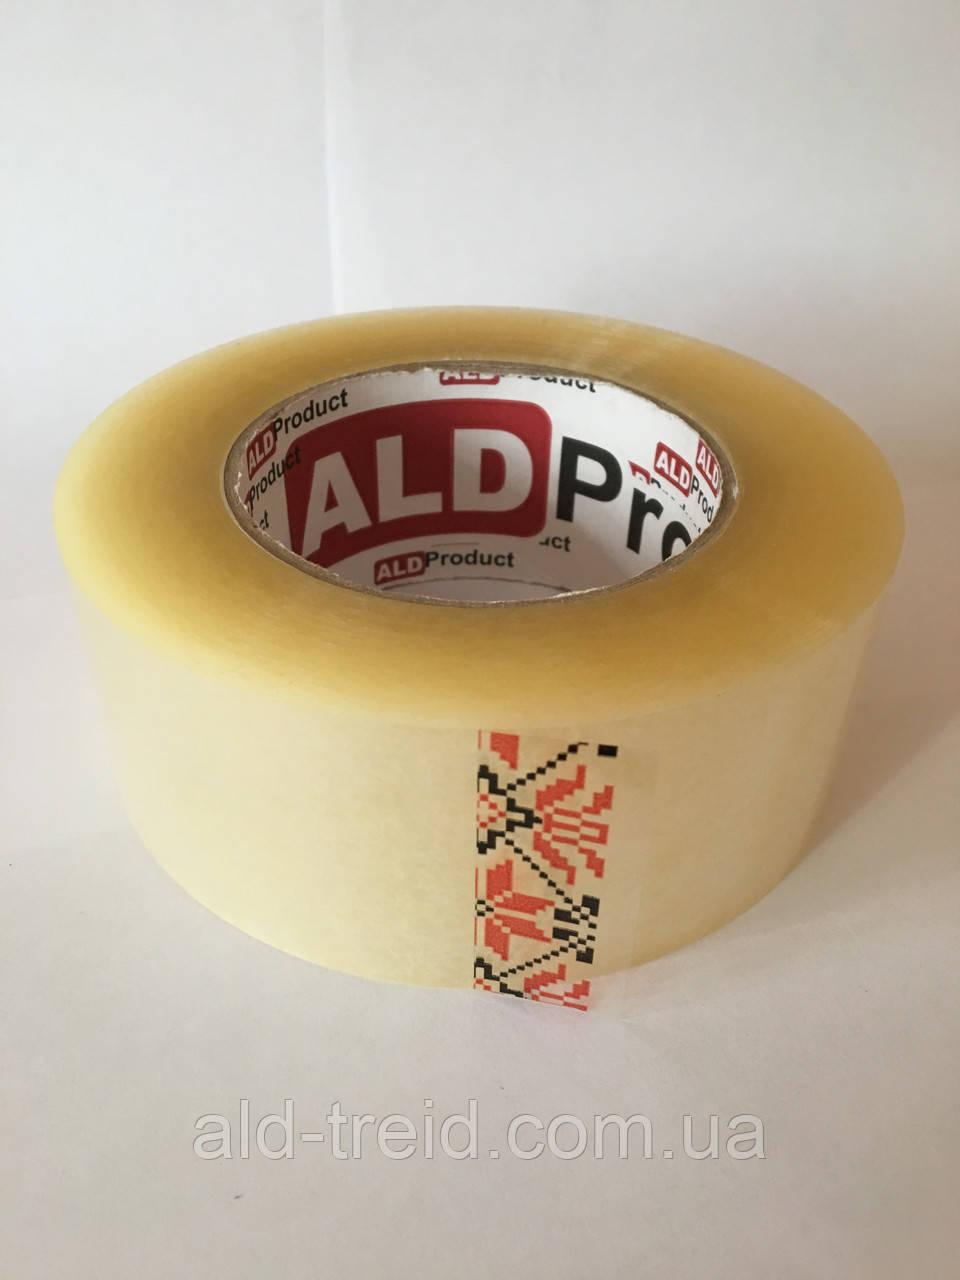 Стрічка пакувальна (скотч) 48*200 (40 мкм) ALD Product